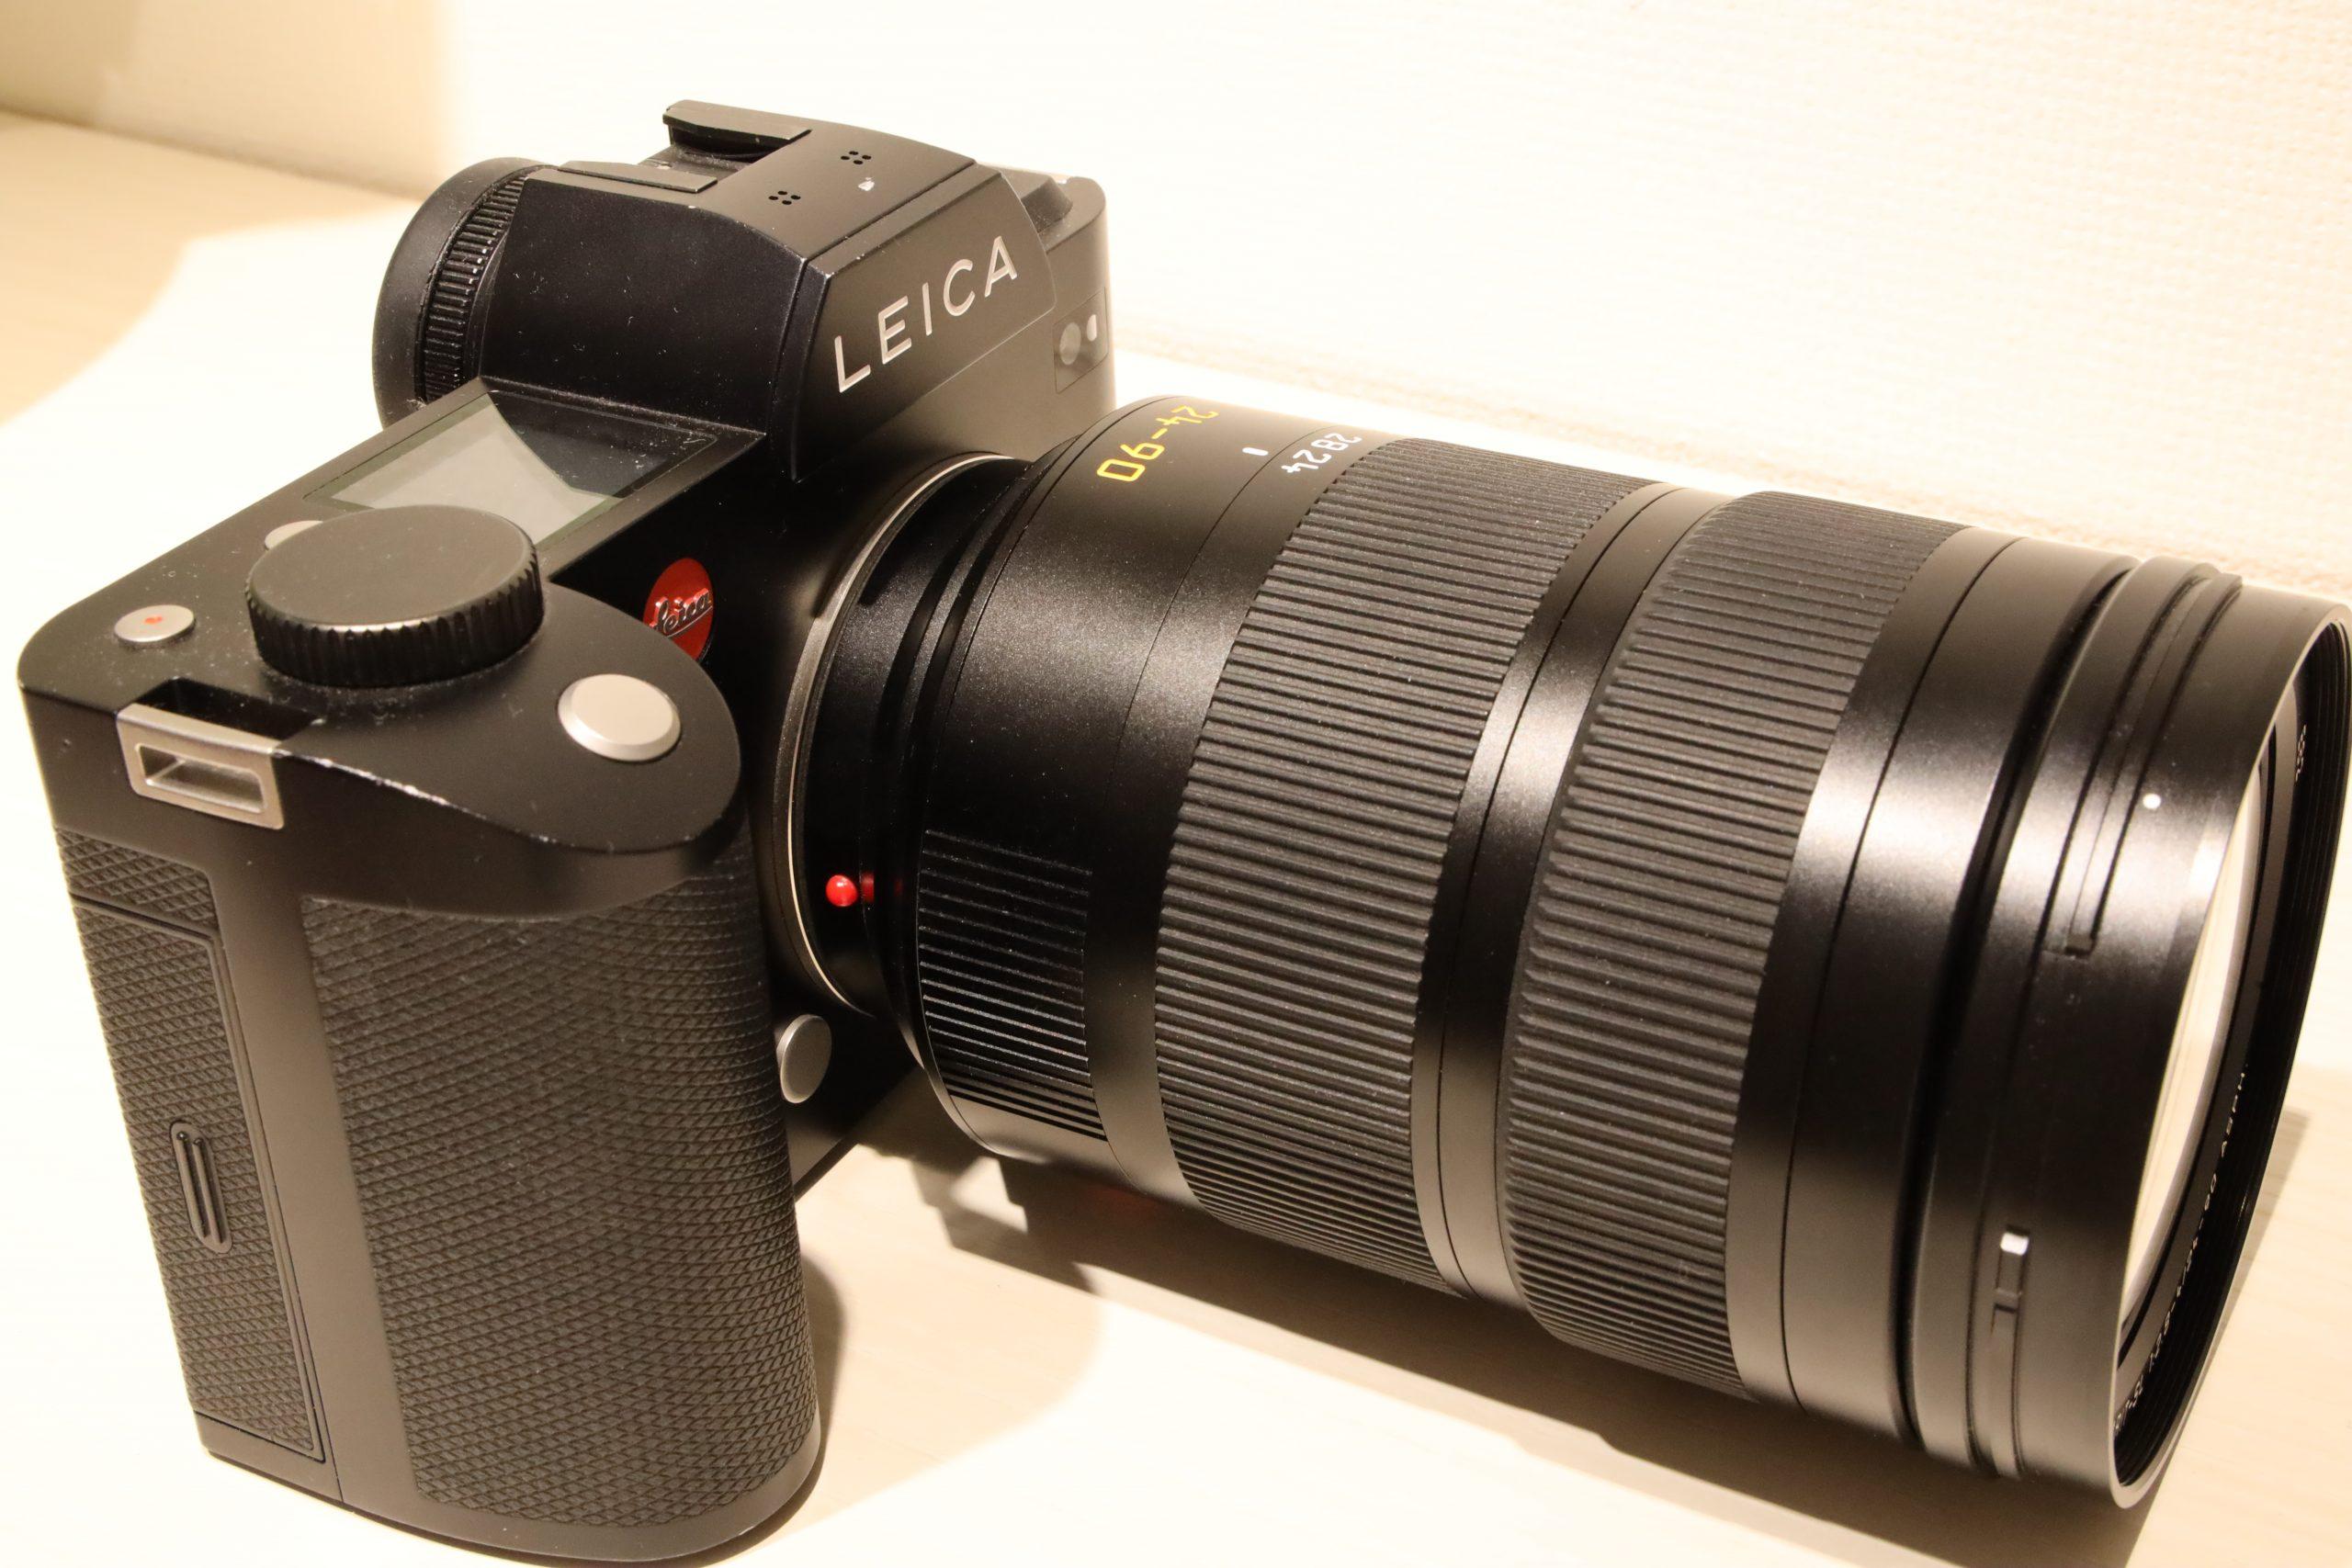 【好機到来】Leica SL (Typ601) はやっぱりいい!!